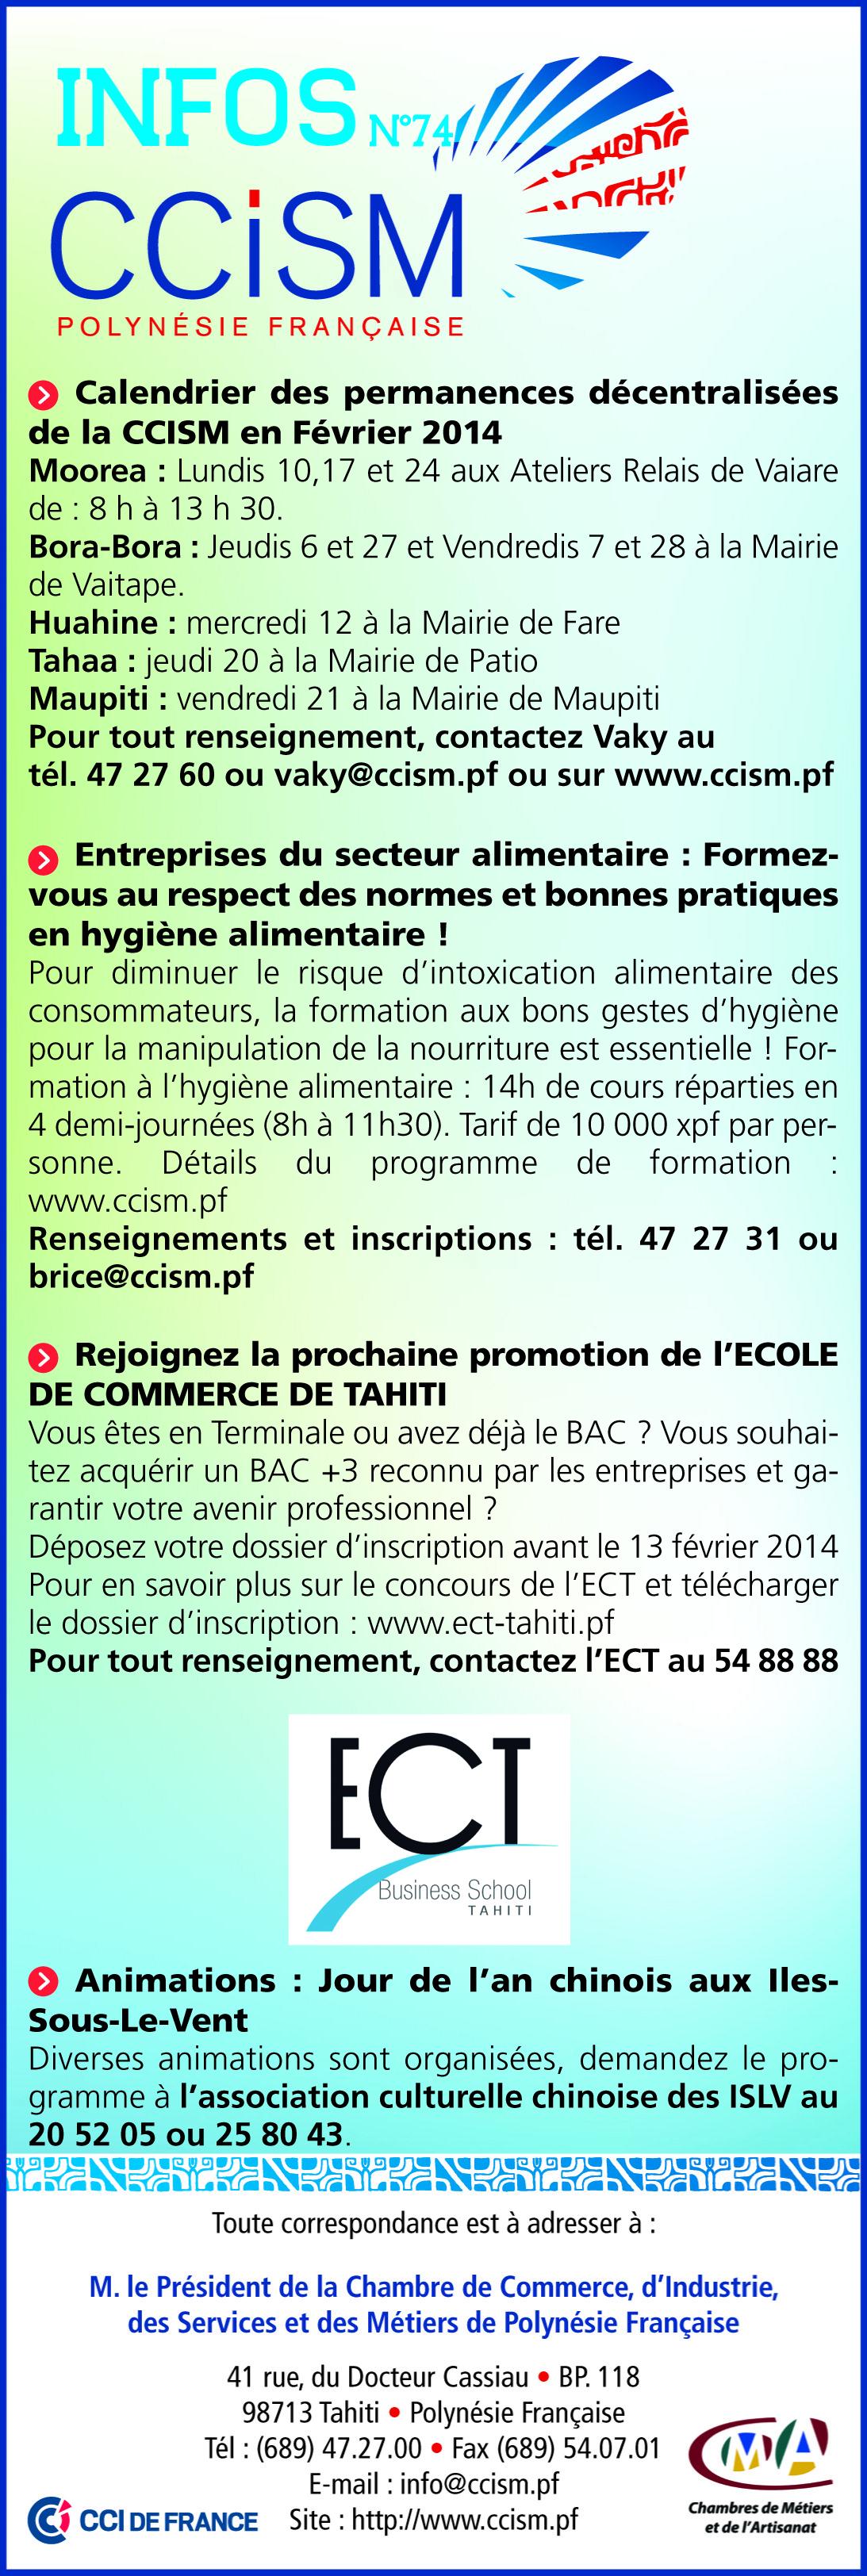 Infos CCISM N°74